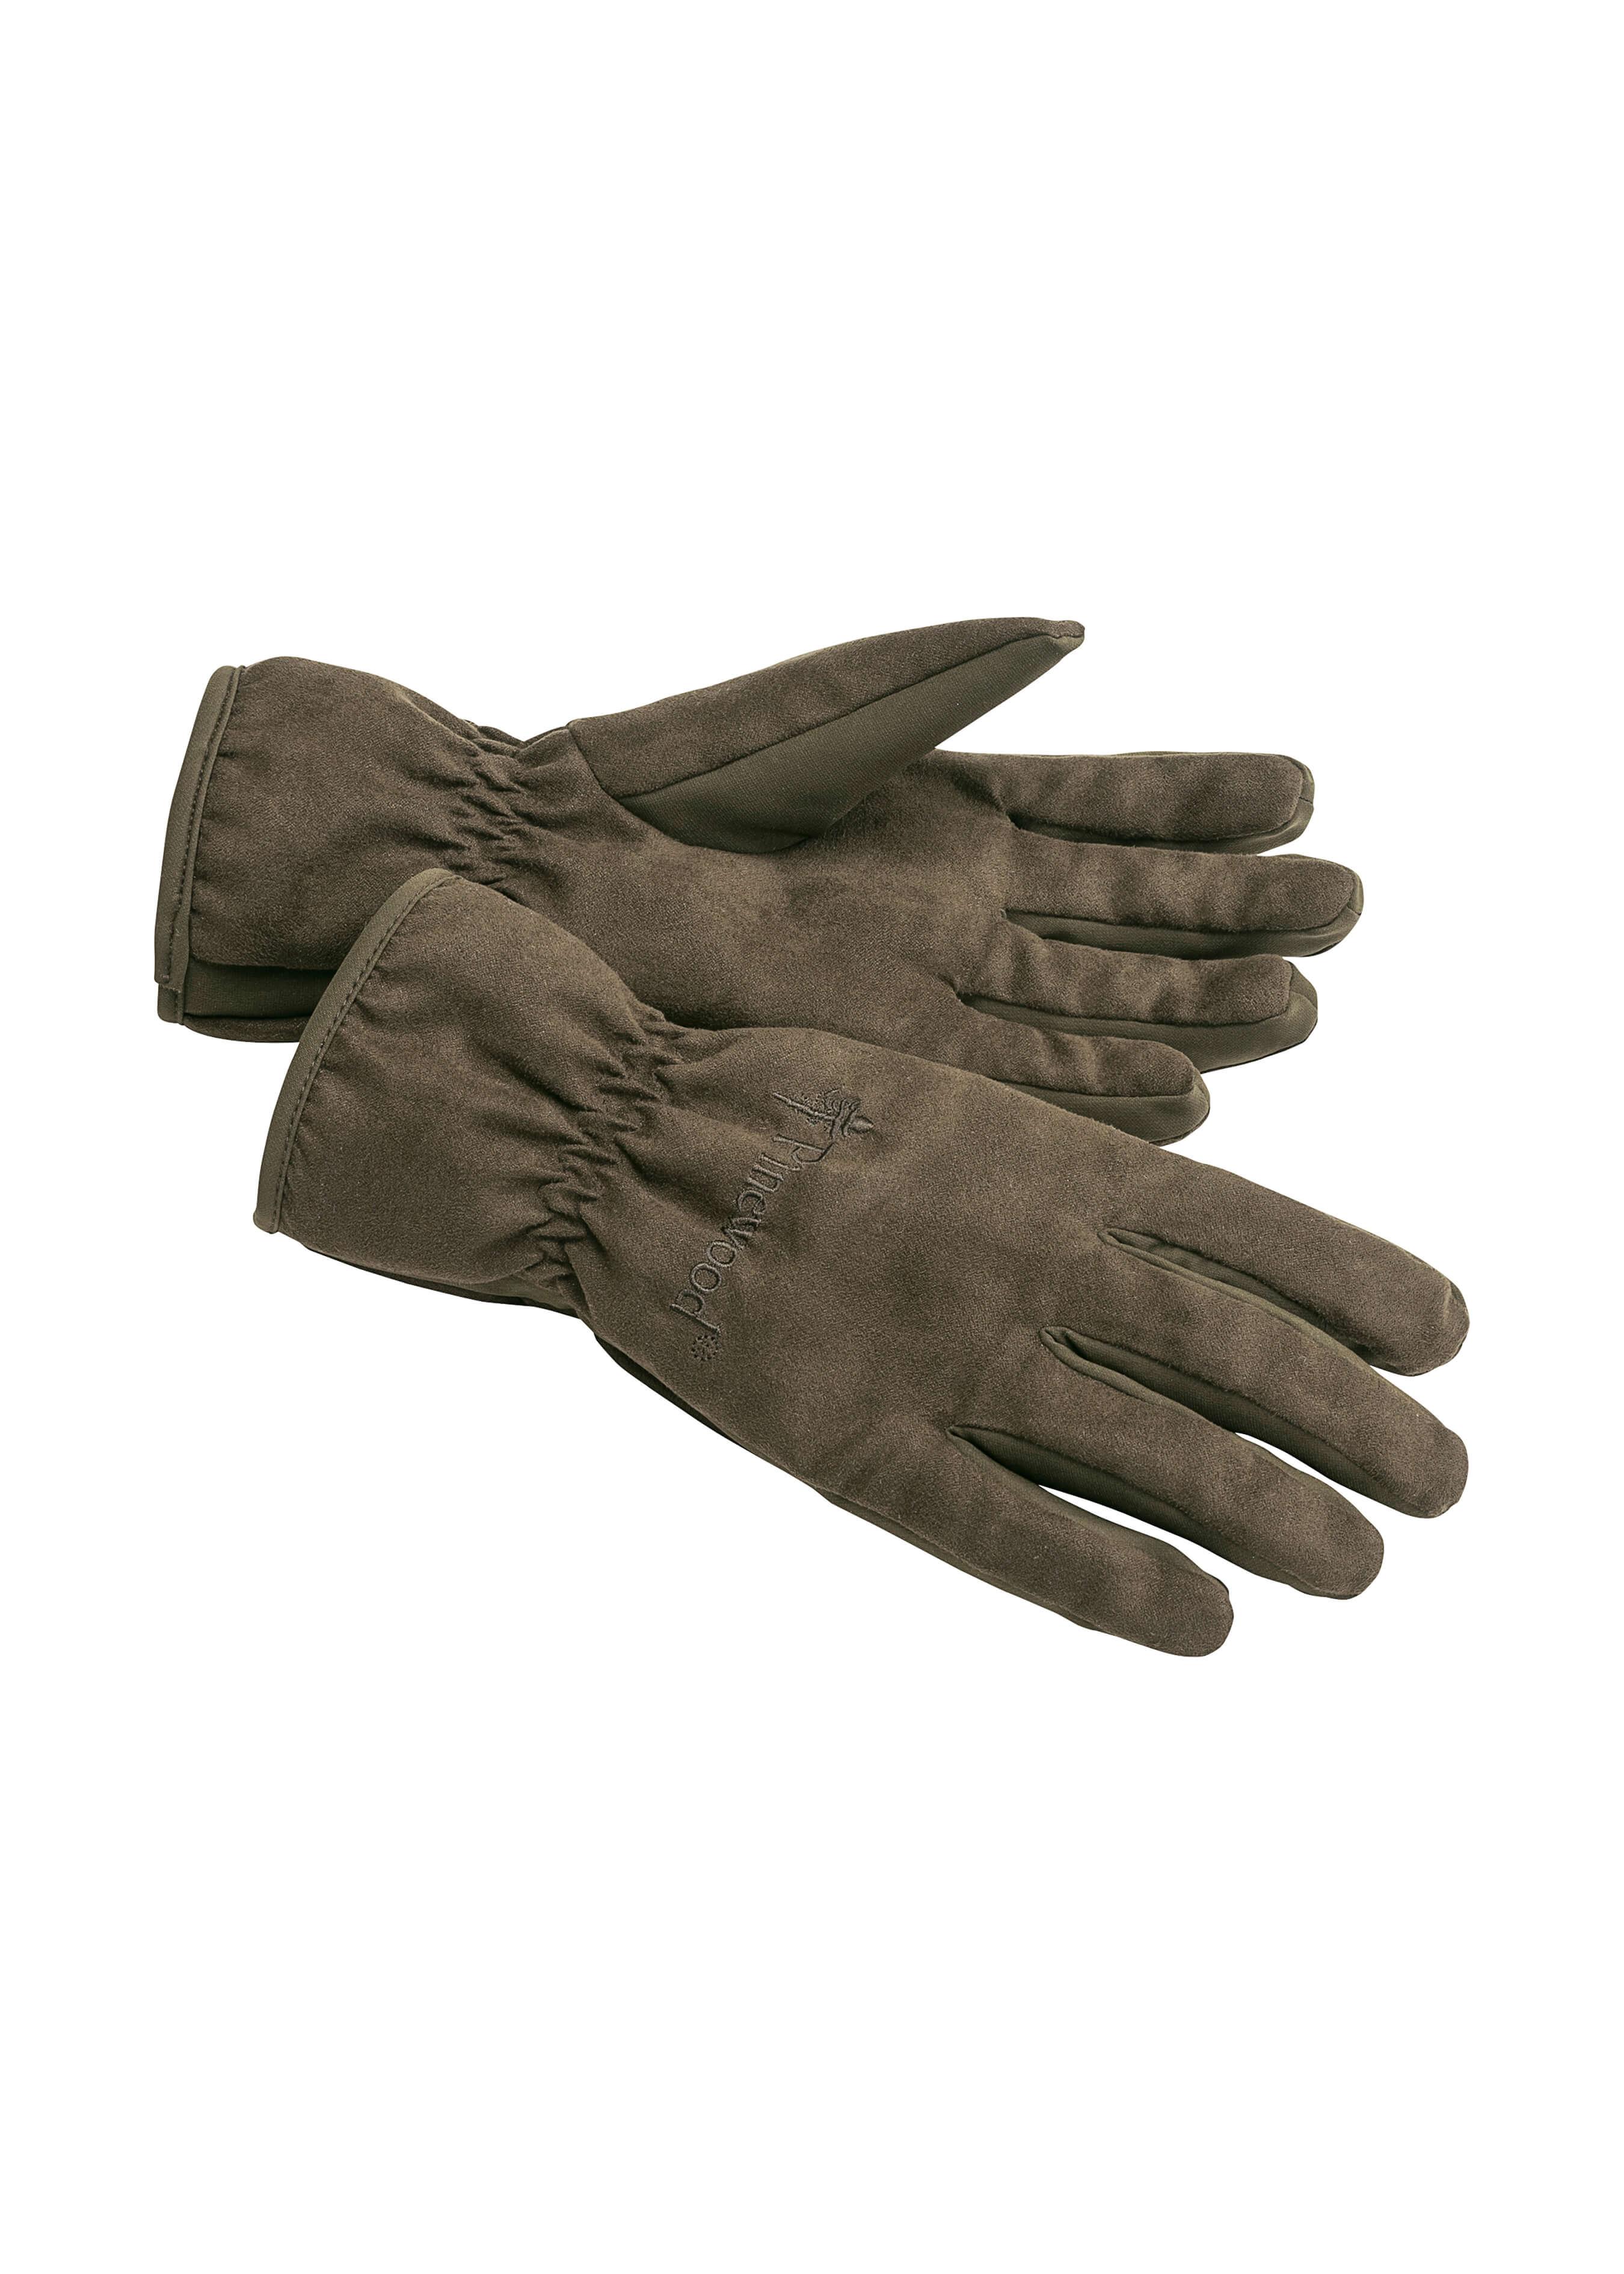 Gants thermique d'hiver Extrem 26004010 1